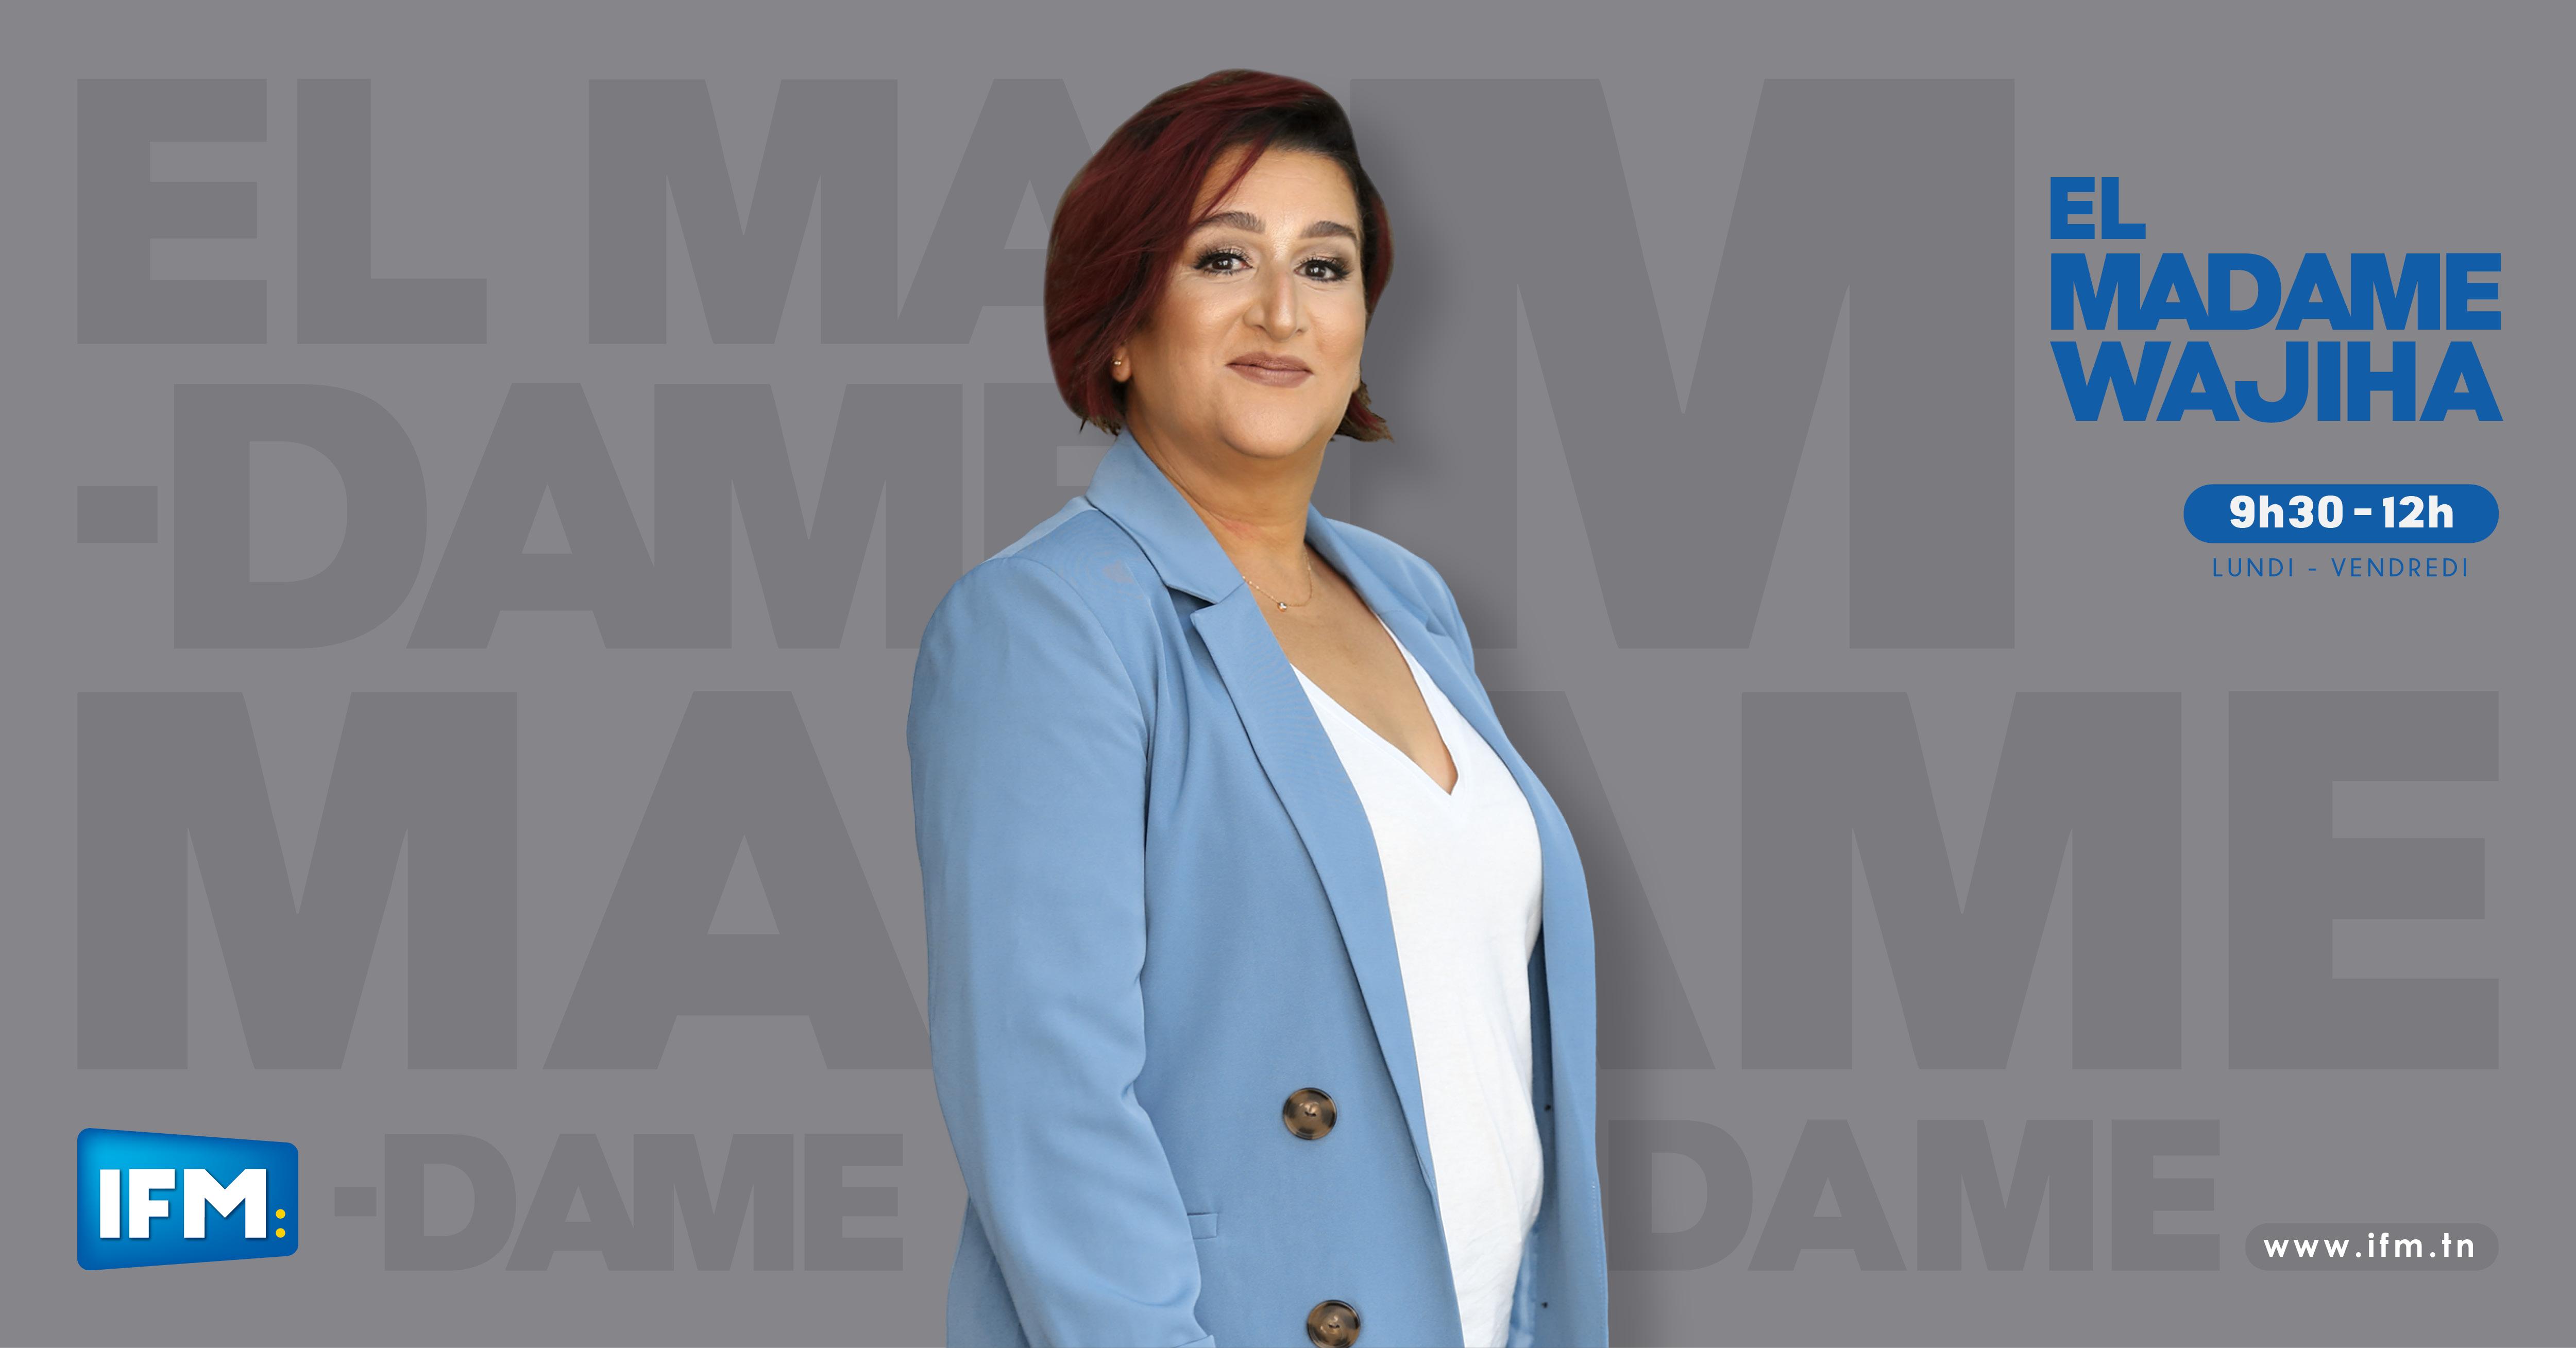 EL Madame WAJIHA  :le 22 02 2021 El Madame Wajiha